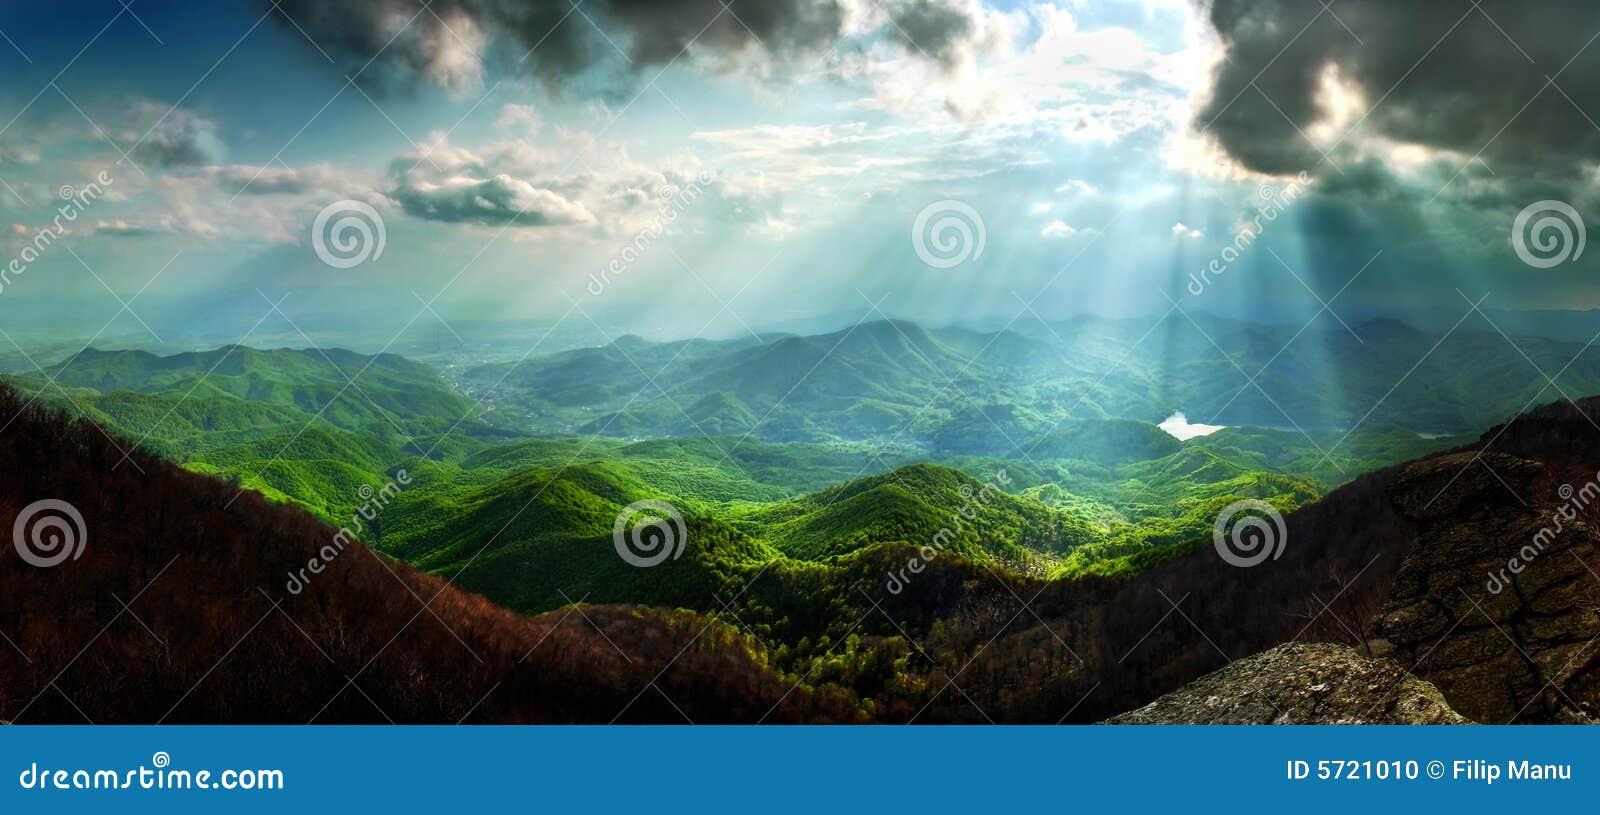 Sun rays Gebirgslandschaft